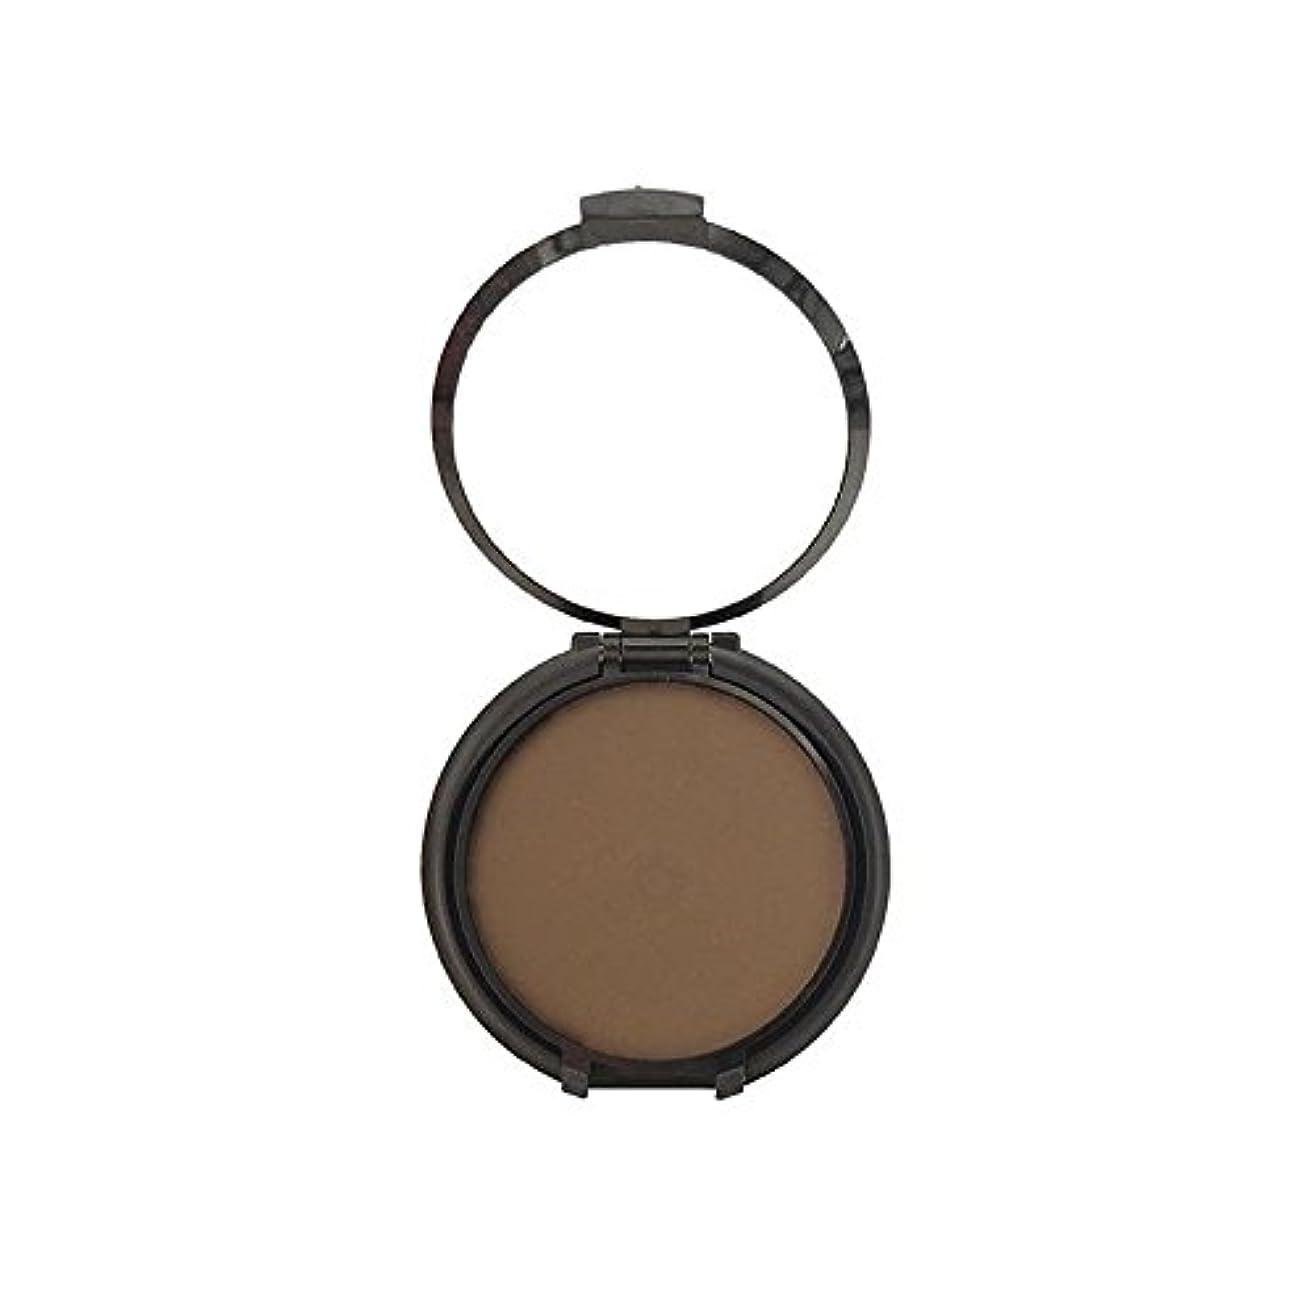 絞る抹消かる[CAKE-Cosmetics ] C.A.K.Eの基盤濃い茶色N15 12グラム - C.A.K.E Foundation Deep Dark Brown N15 12G [並行輸入品]